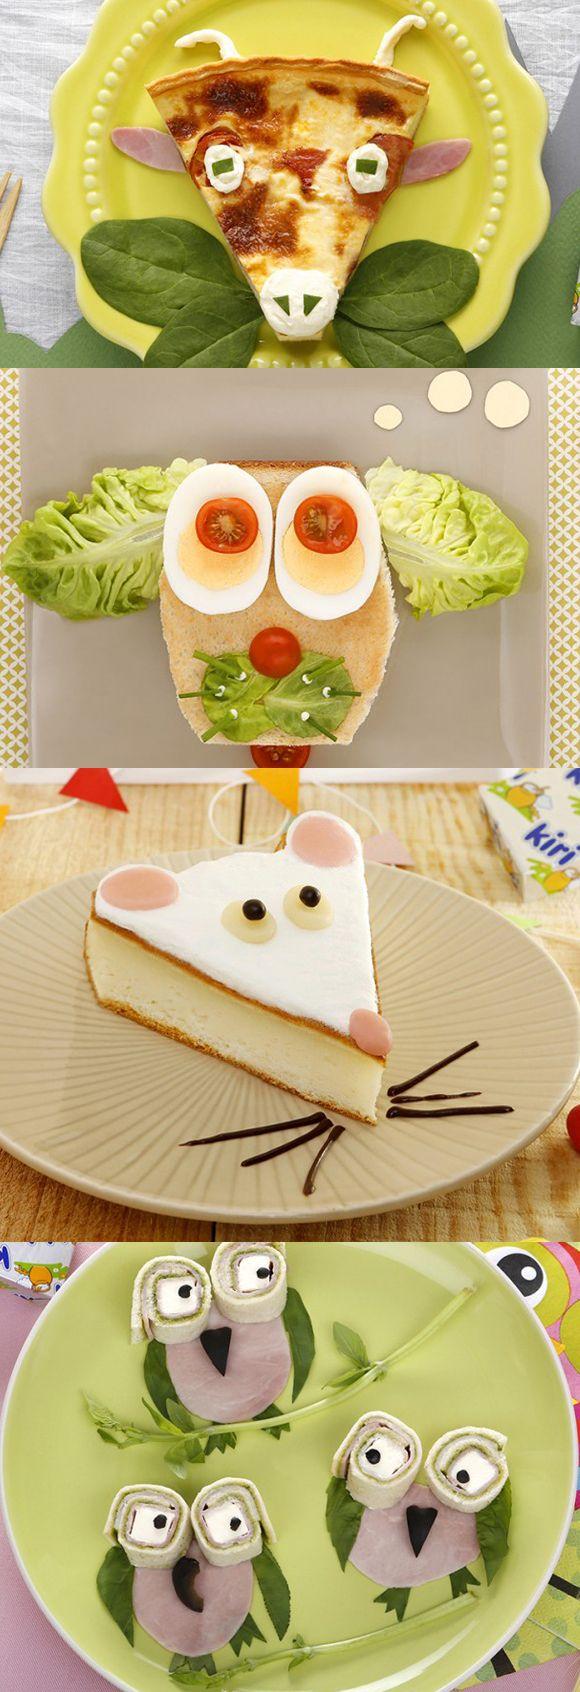 Plein de recettes rigolotes à découvrir : la chèvre, le sandwich wouf, la souris…